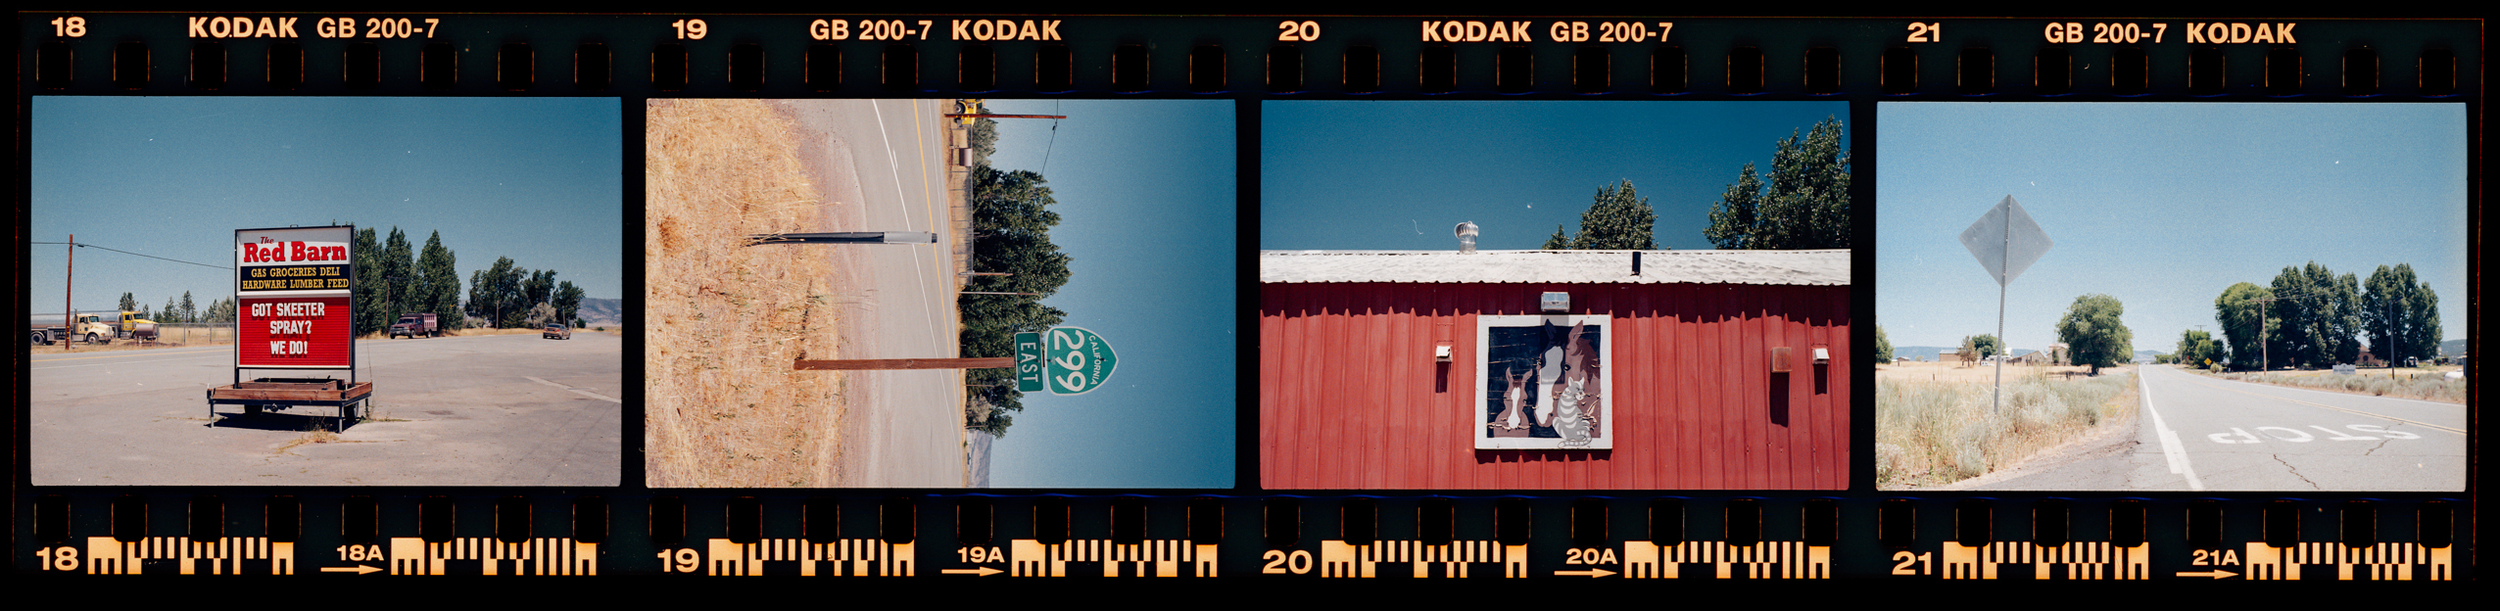 tahoe003.png